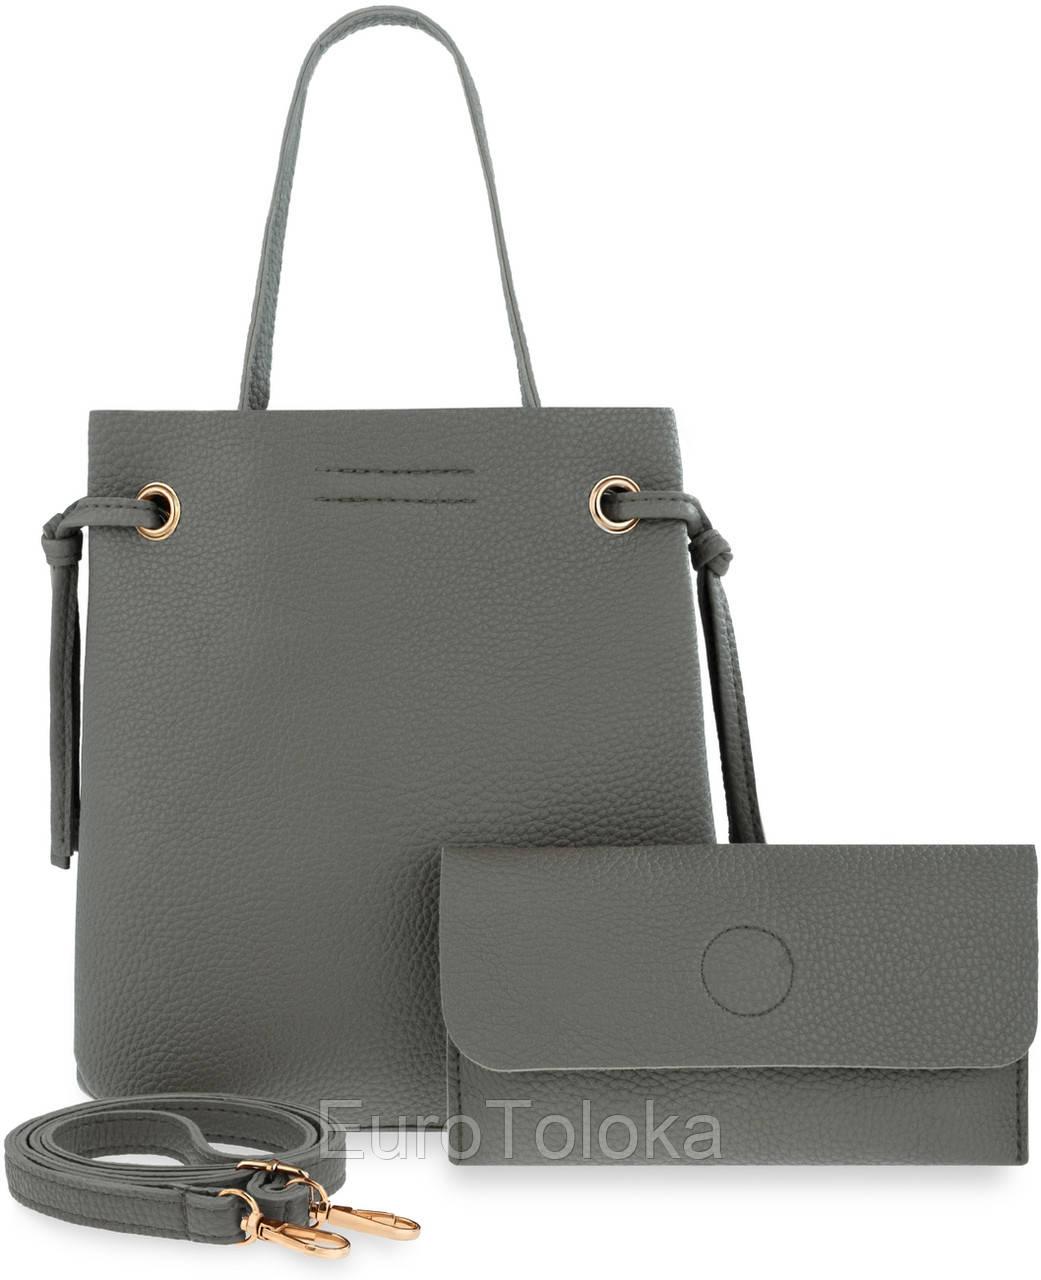 471cbdaf15bb Женская сумка 2в1 клатч MAGNES серый Польша - EuroToloka в Волынской области